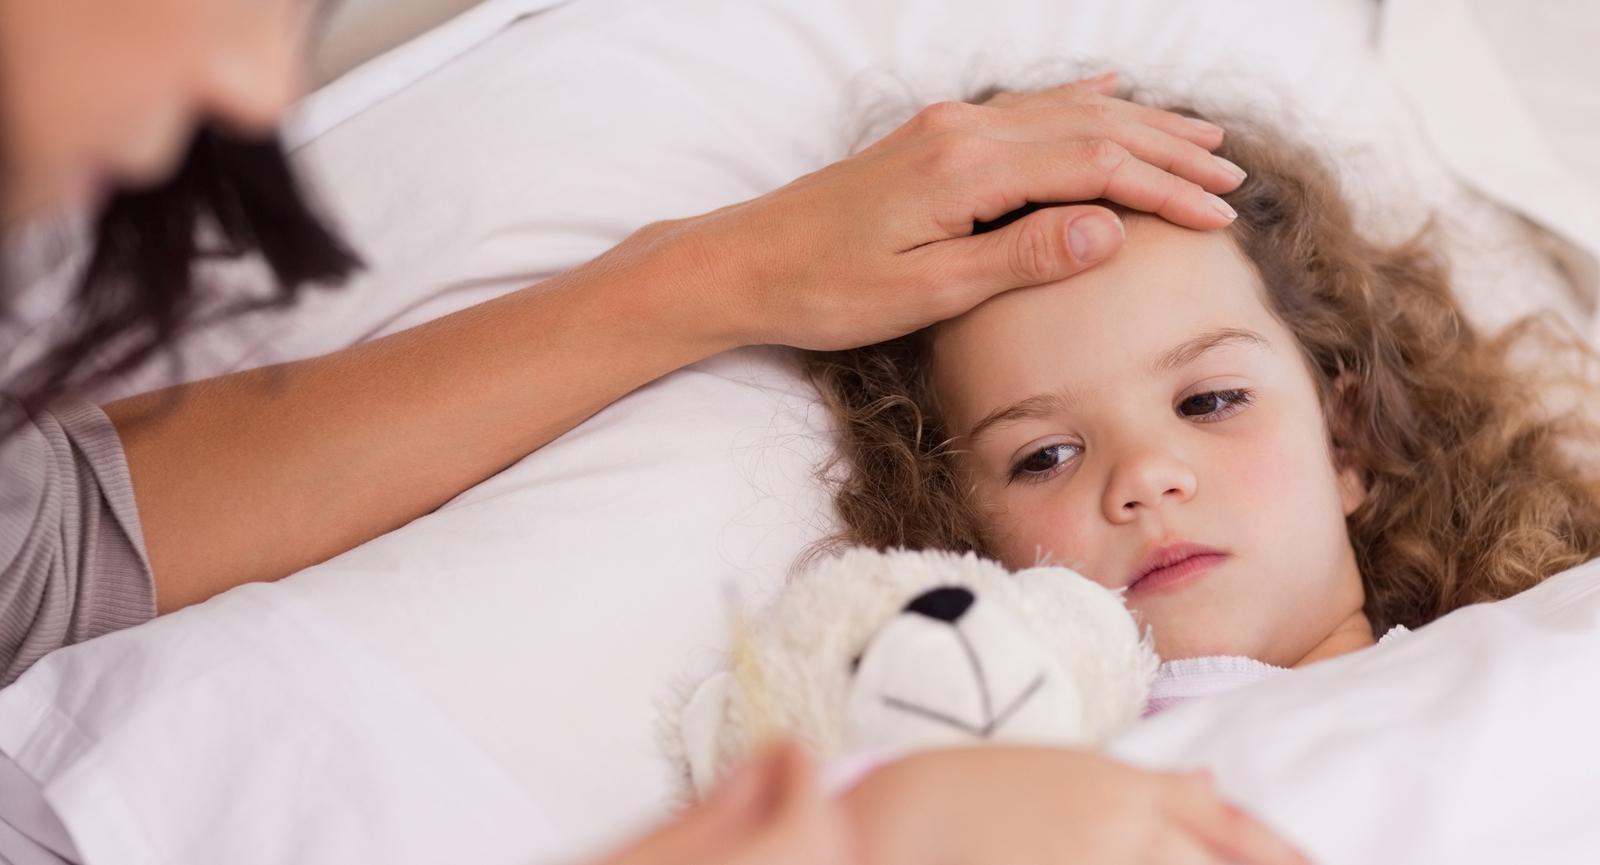 Criança com pneumonia é consolada pela mãe